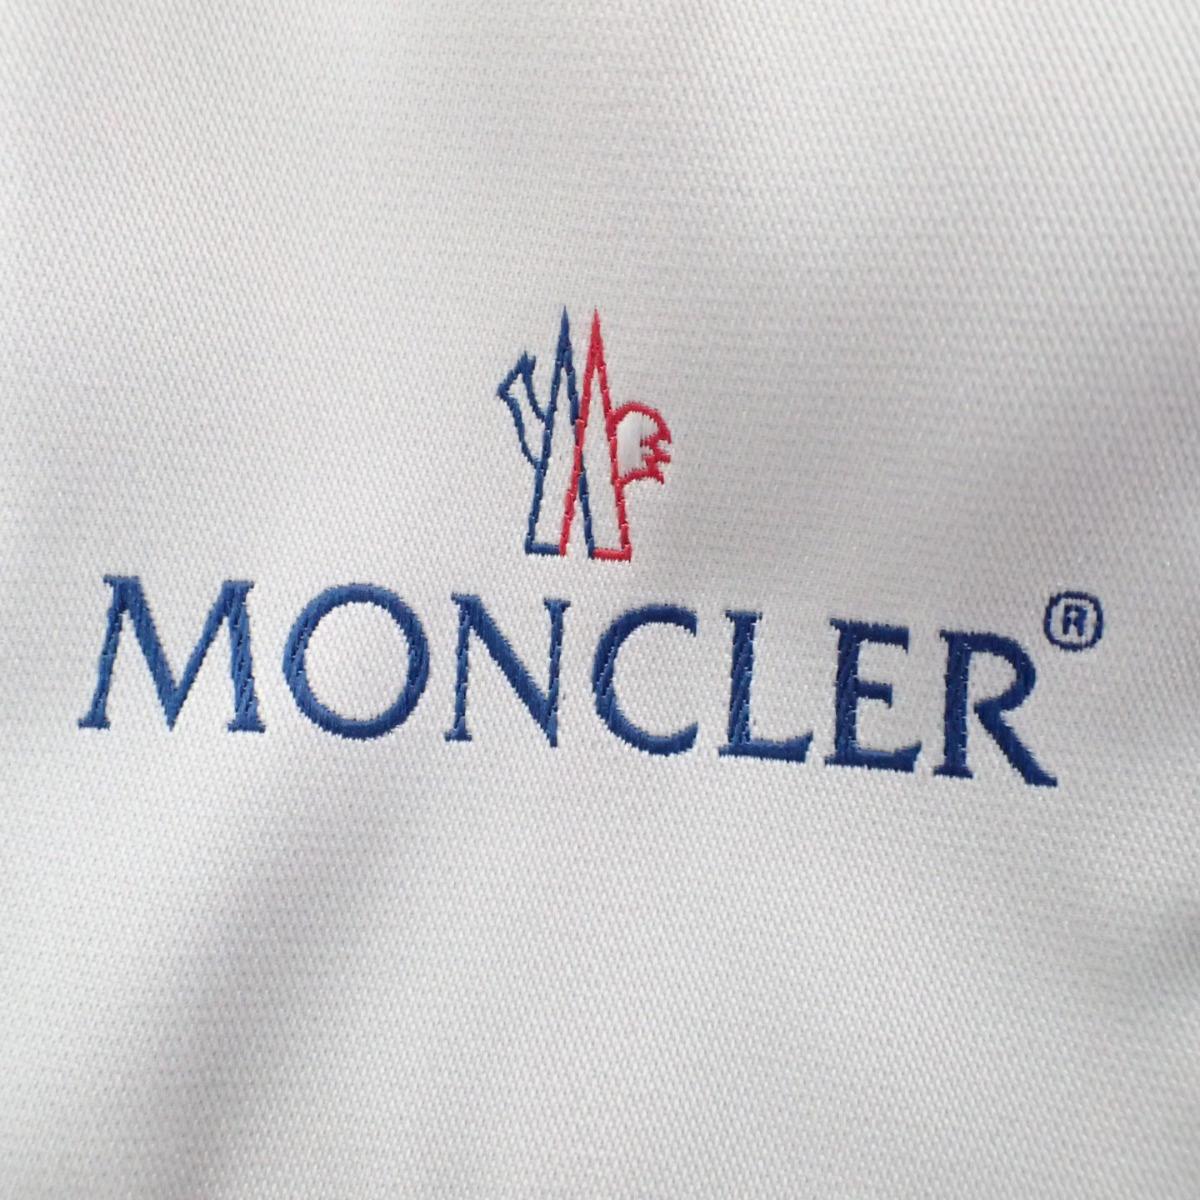 MONCLER モンクレール 国内正規43301 CHEVALシェバル 胸元ロゴワッペン付 ダウンベスト1 ボルドー メンズ1JK3FcTl